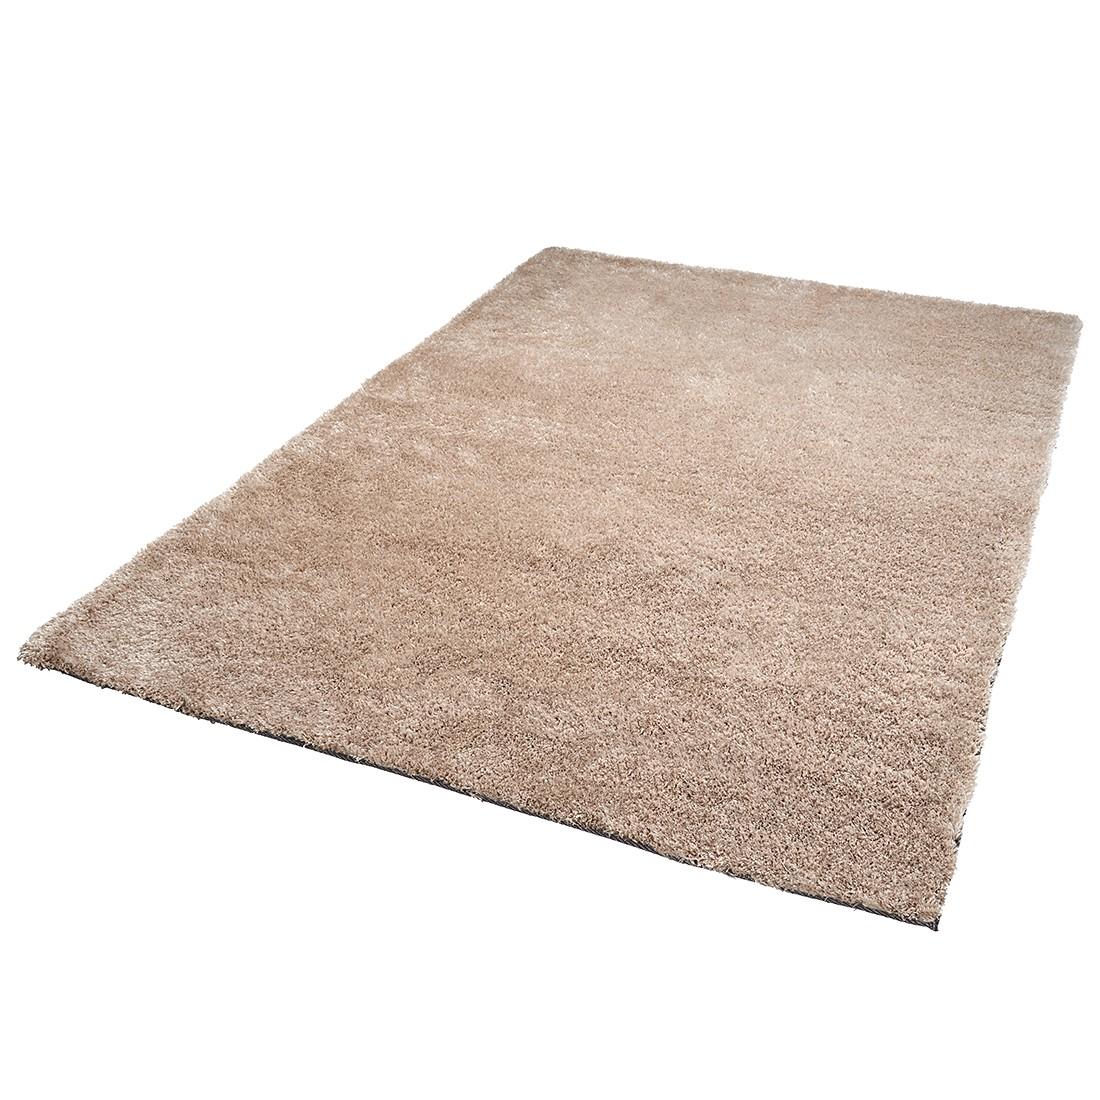 Teppich Heaven – Beige – 160 x 230 cm, DEKOWE günstig